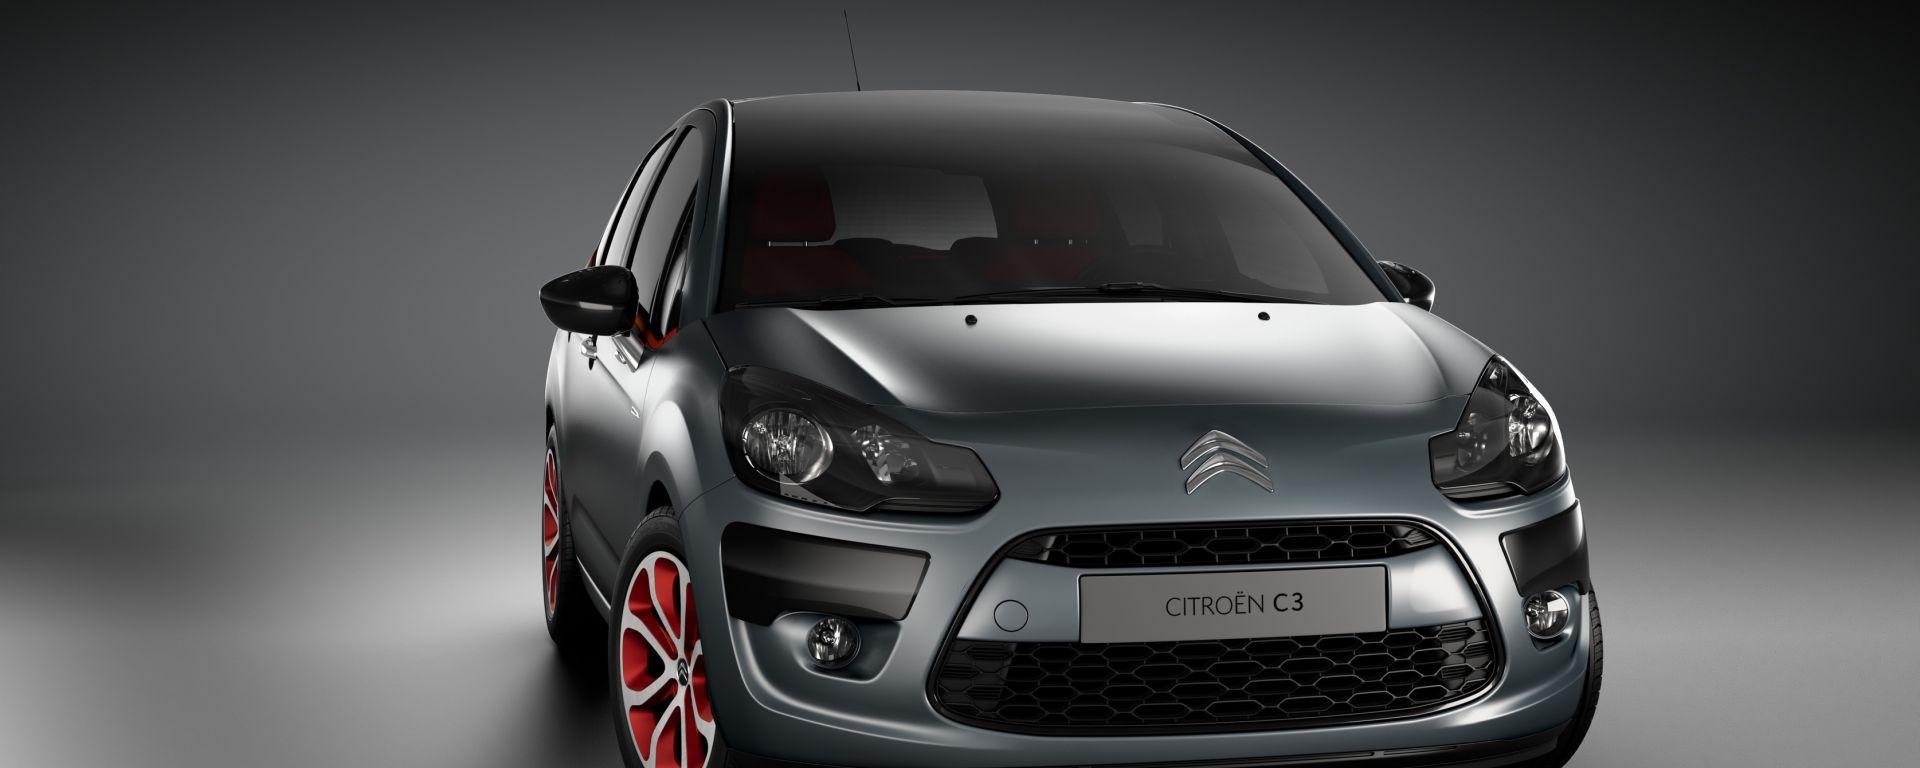 Citroën: le novità di Ginevra